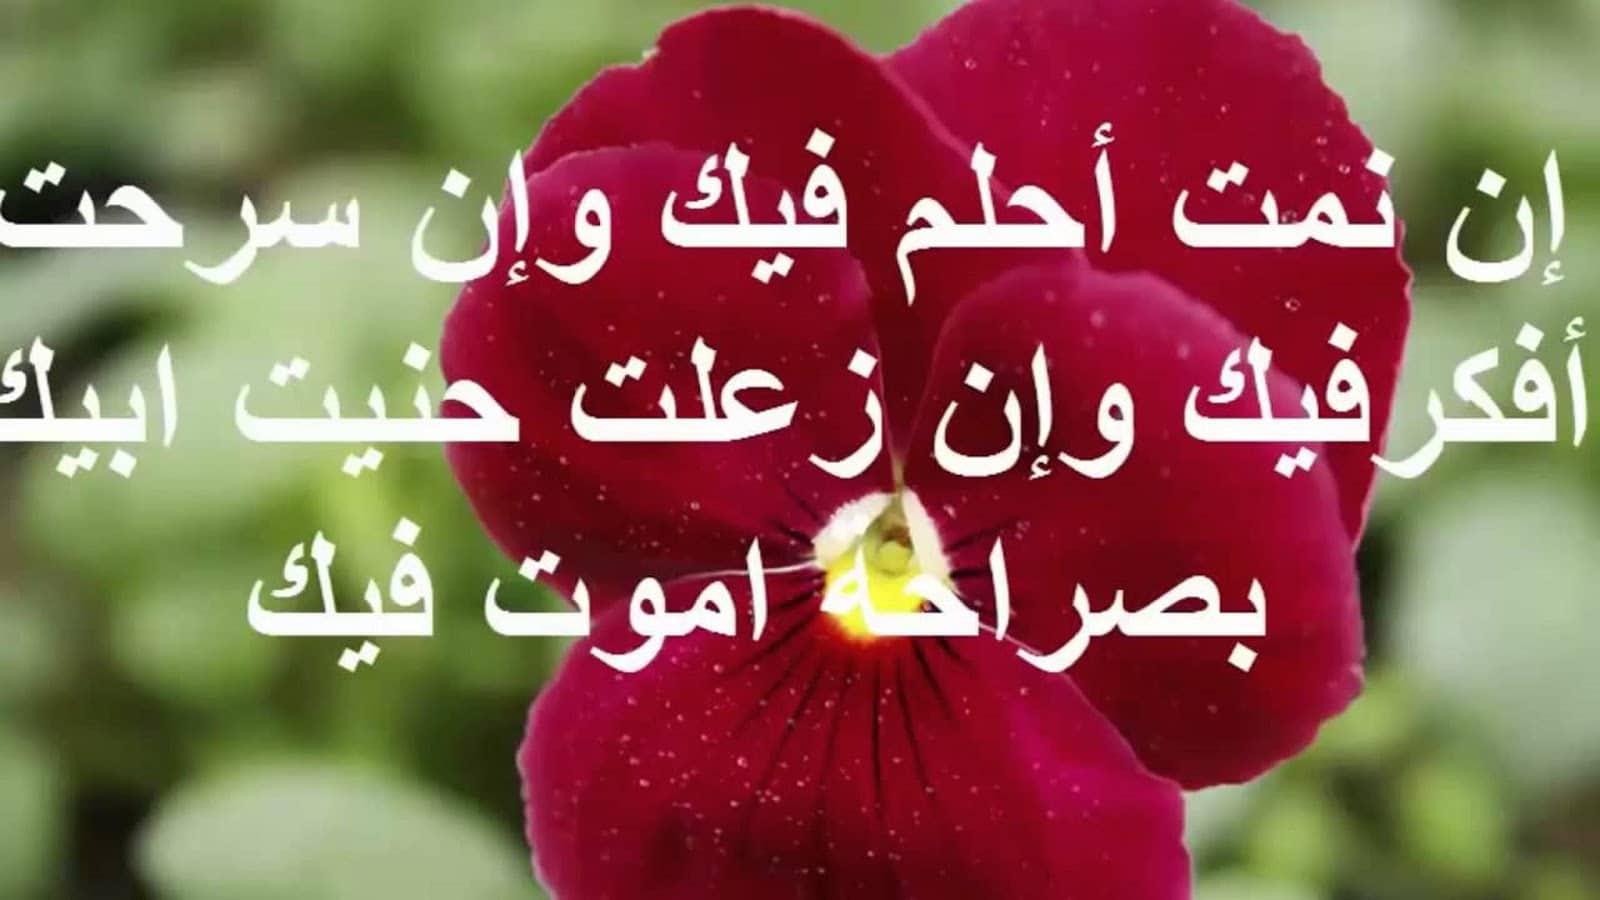 بالصور رسائل حب ورومانسية , شوف ارق رسالة حب للحبيبين 5800 1